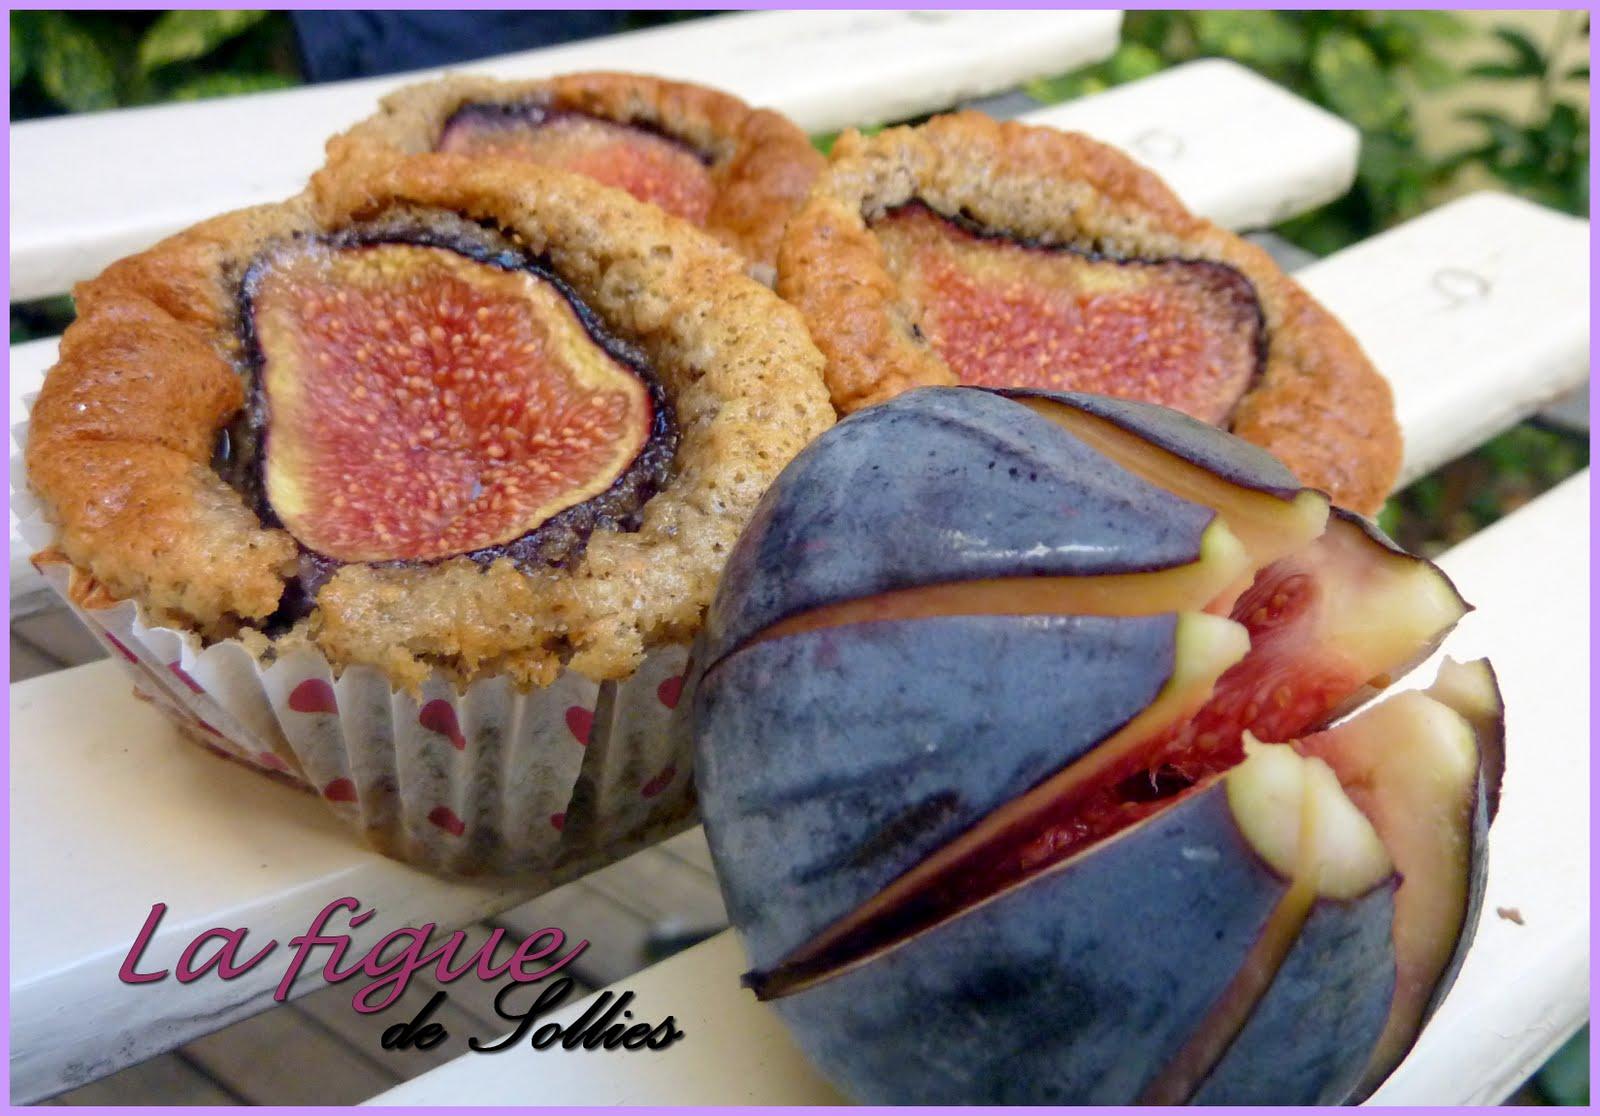 Cake aux figues de sollies